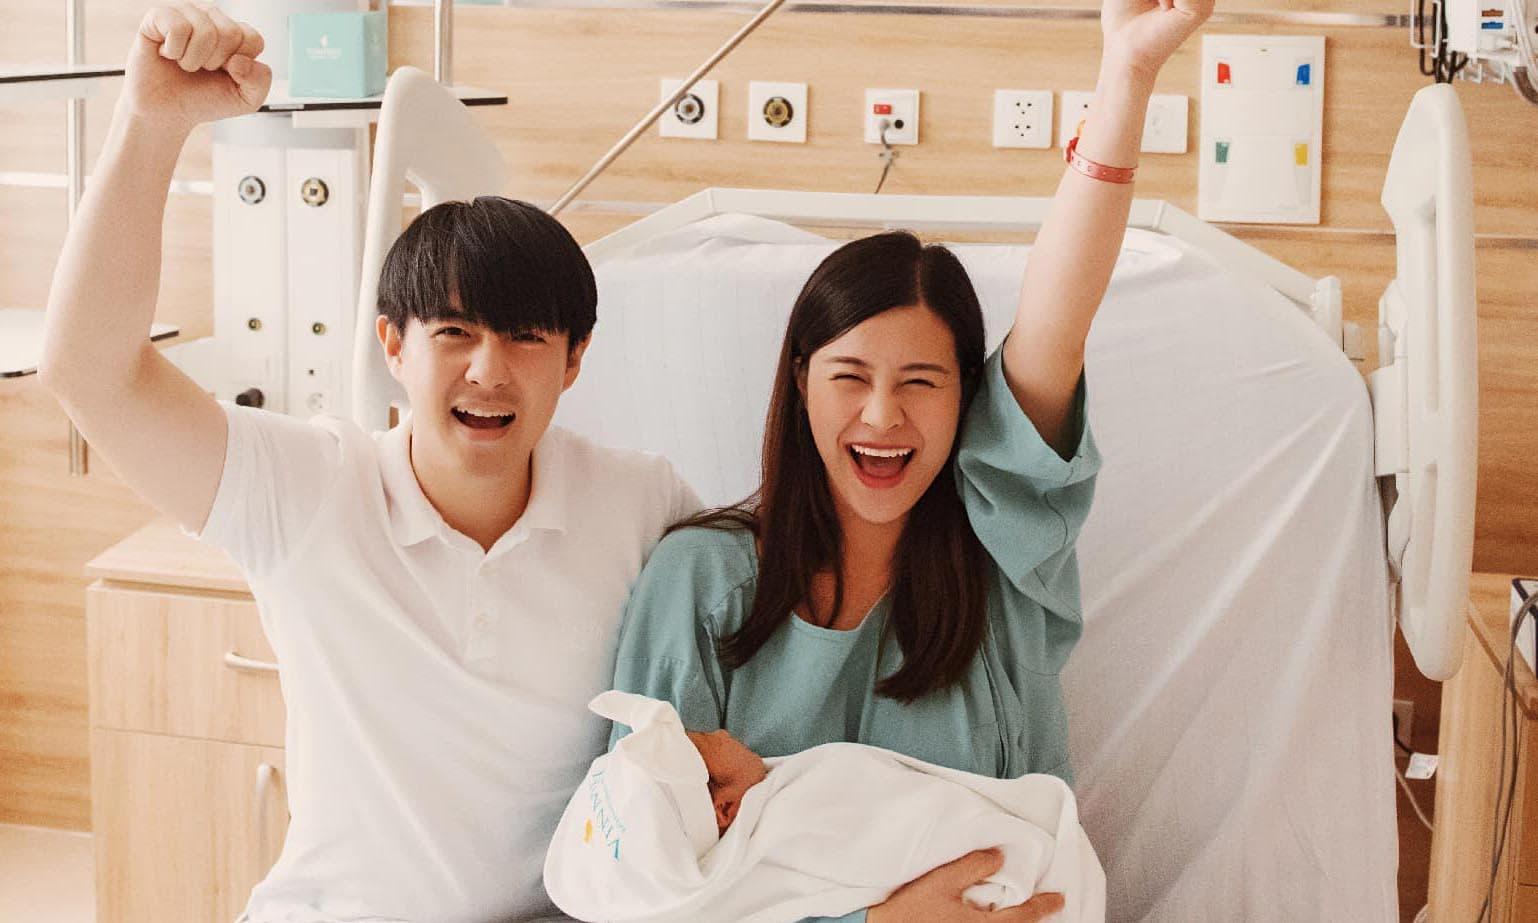 Đông Nhi lần đầu đăng ảnh gia đình ba người, hé lộ biểu cảm của Ông Cao Thắng khi con gái vừa khóc chào đời